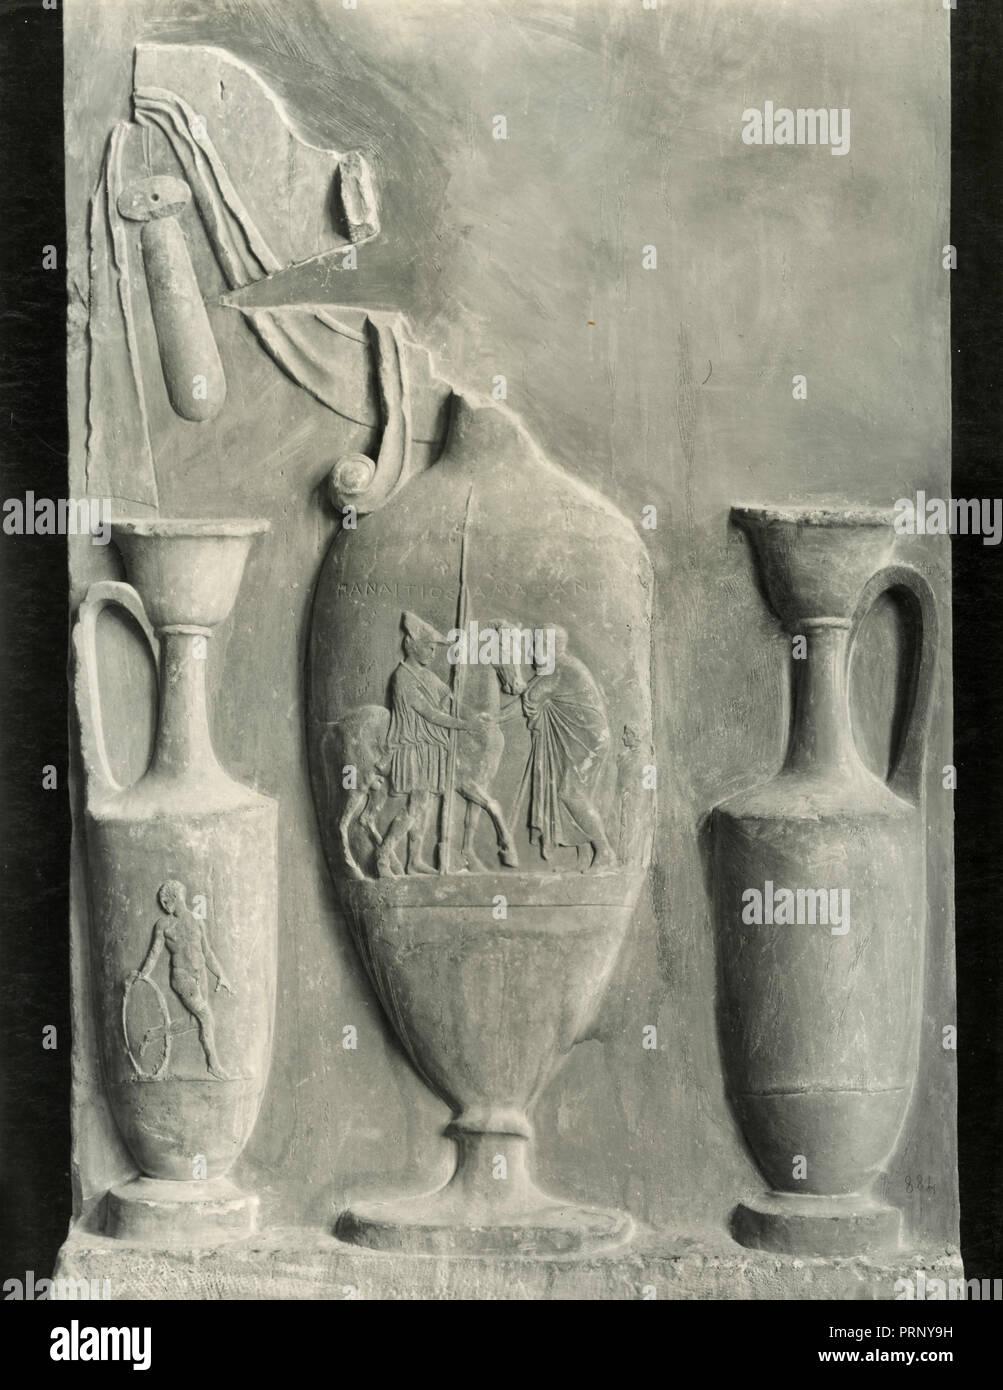 Panaitios funerary stele, Greece 1930s - Stock Image